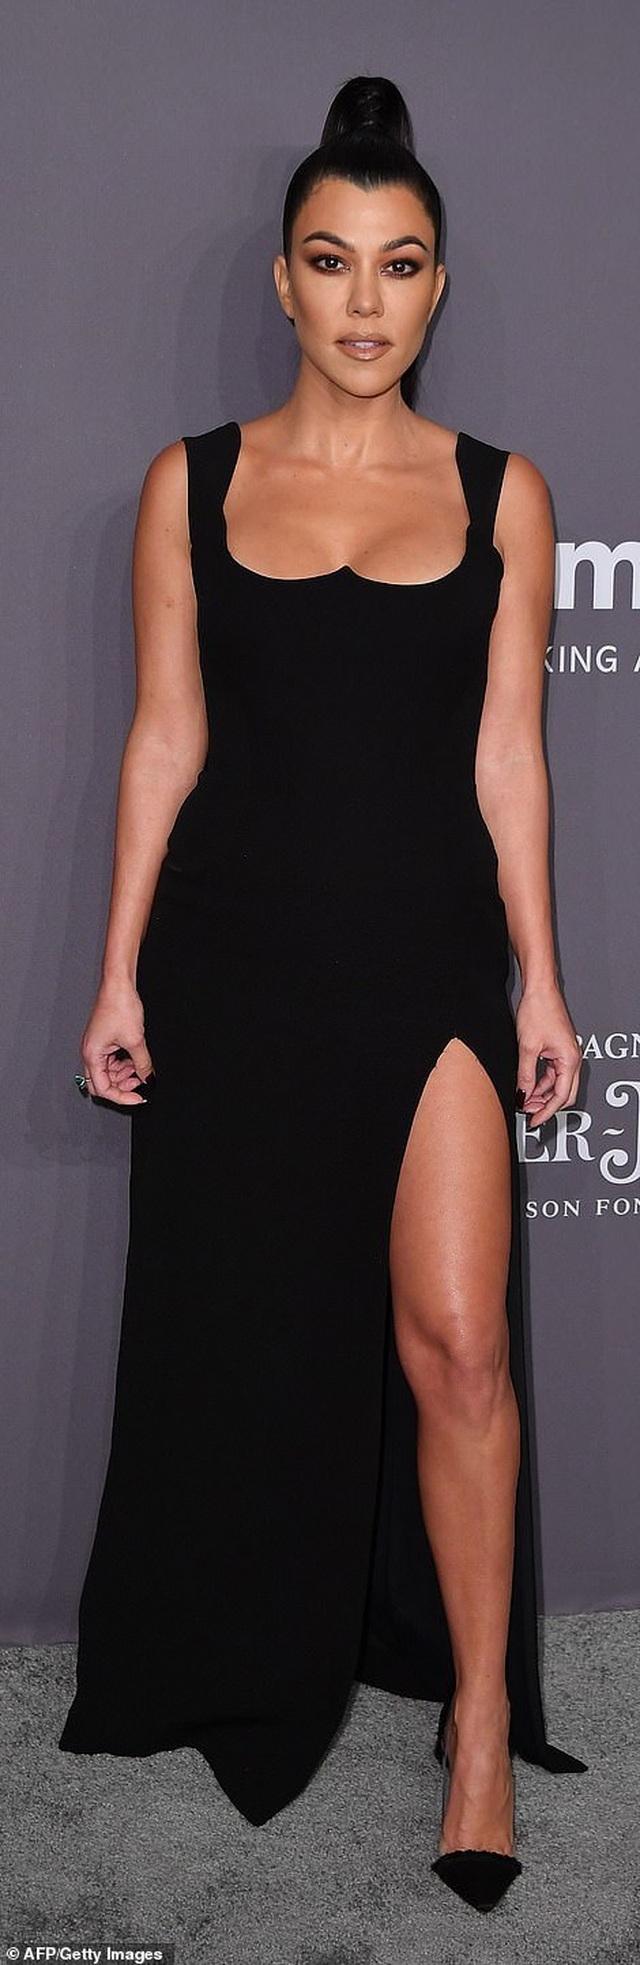 Kinh ngạc với váy hở bạo của chị em Kardashian - 7